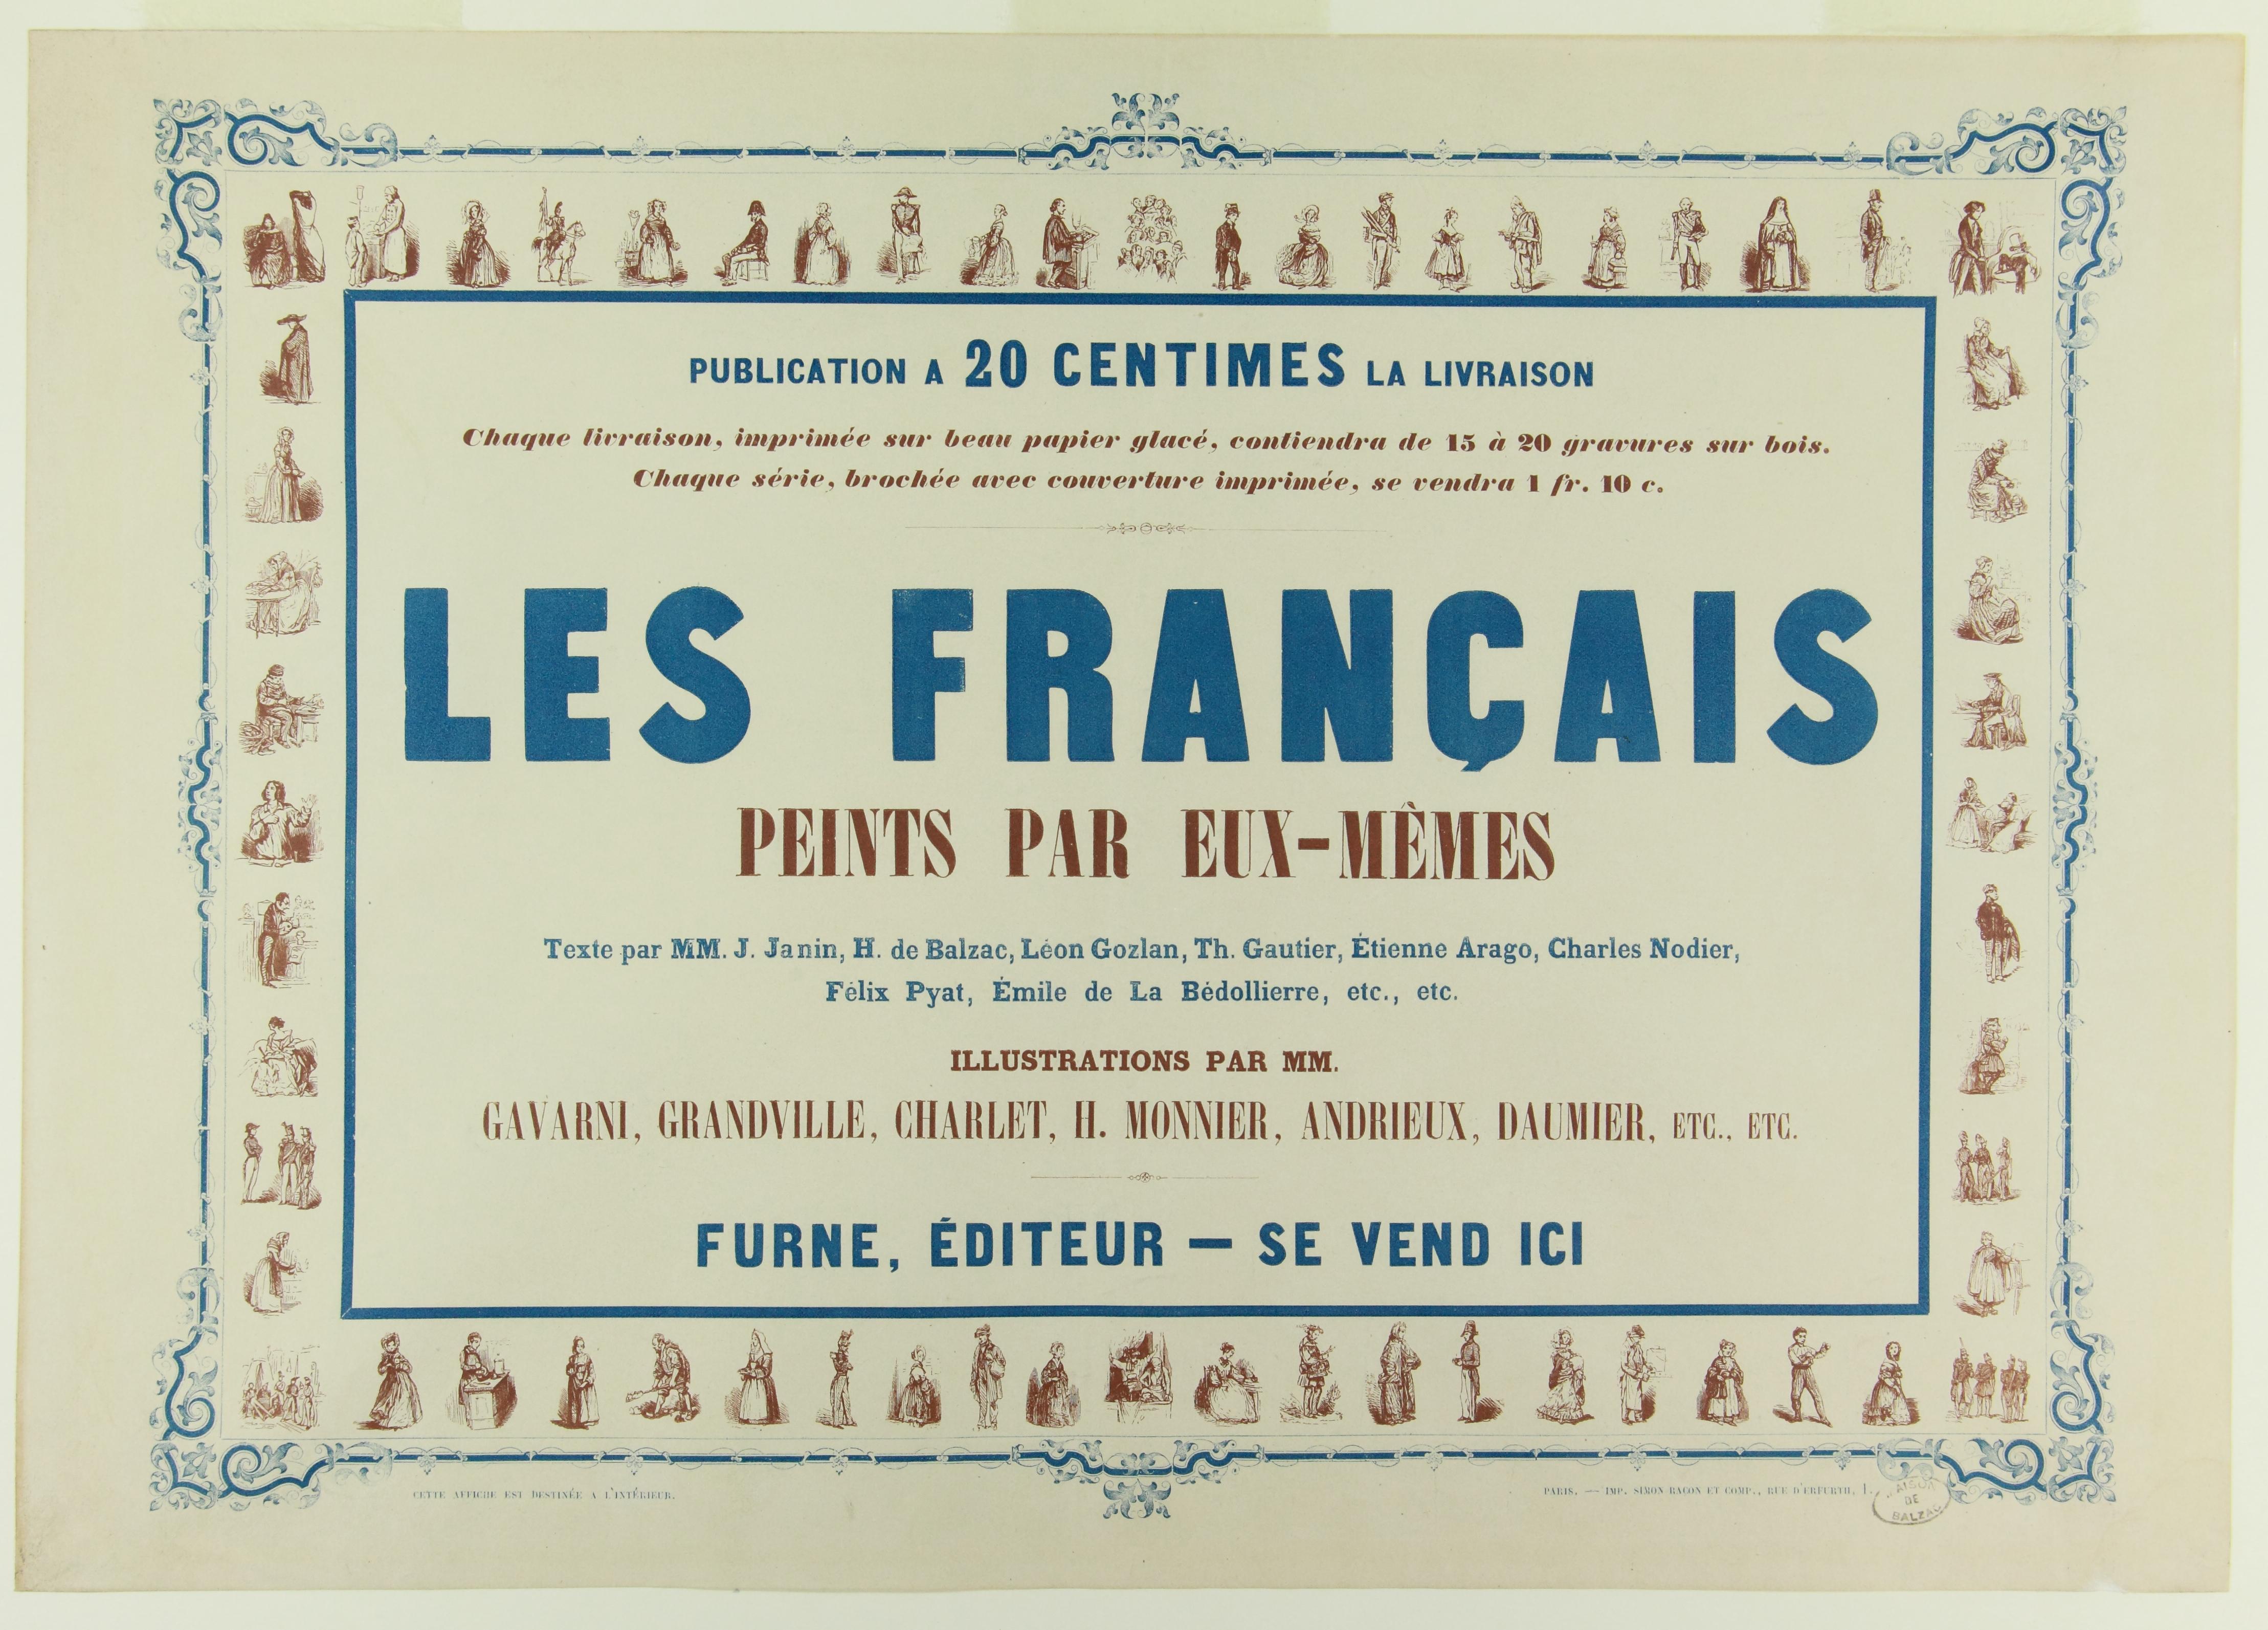 Affiche publicitaire pour Les Français peints par eux-mêmes